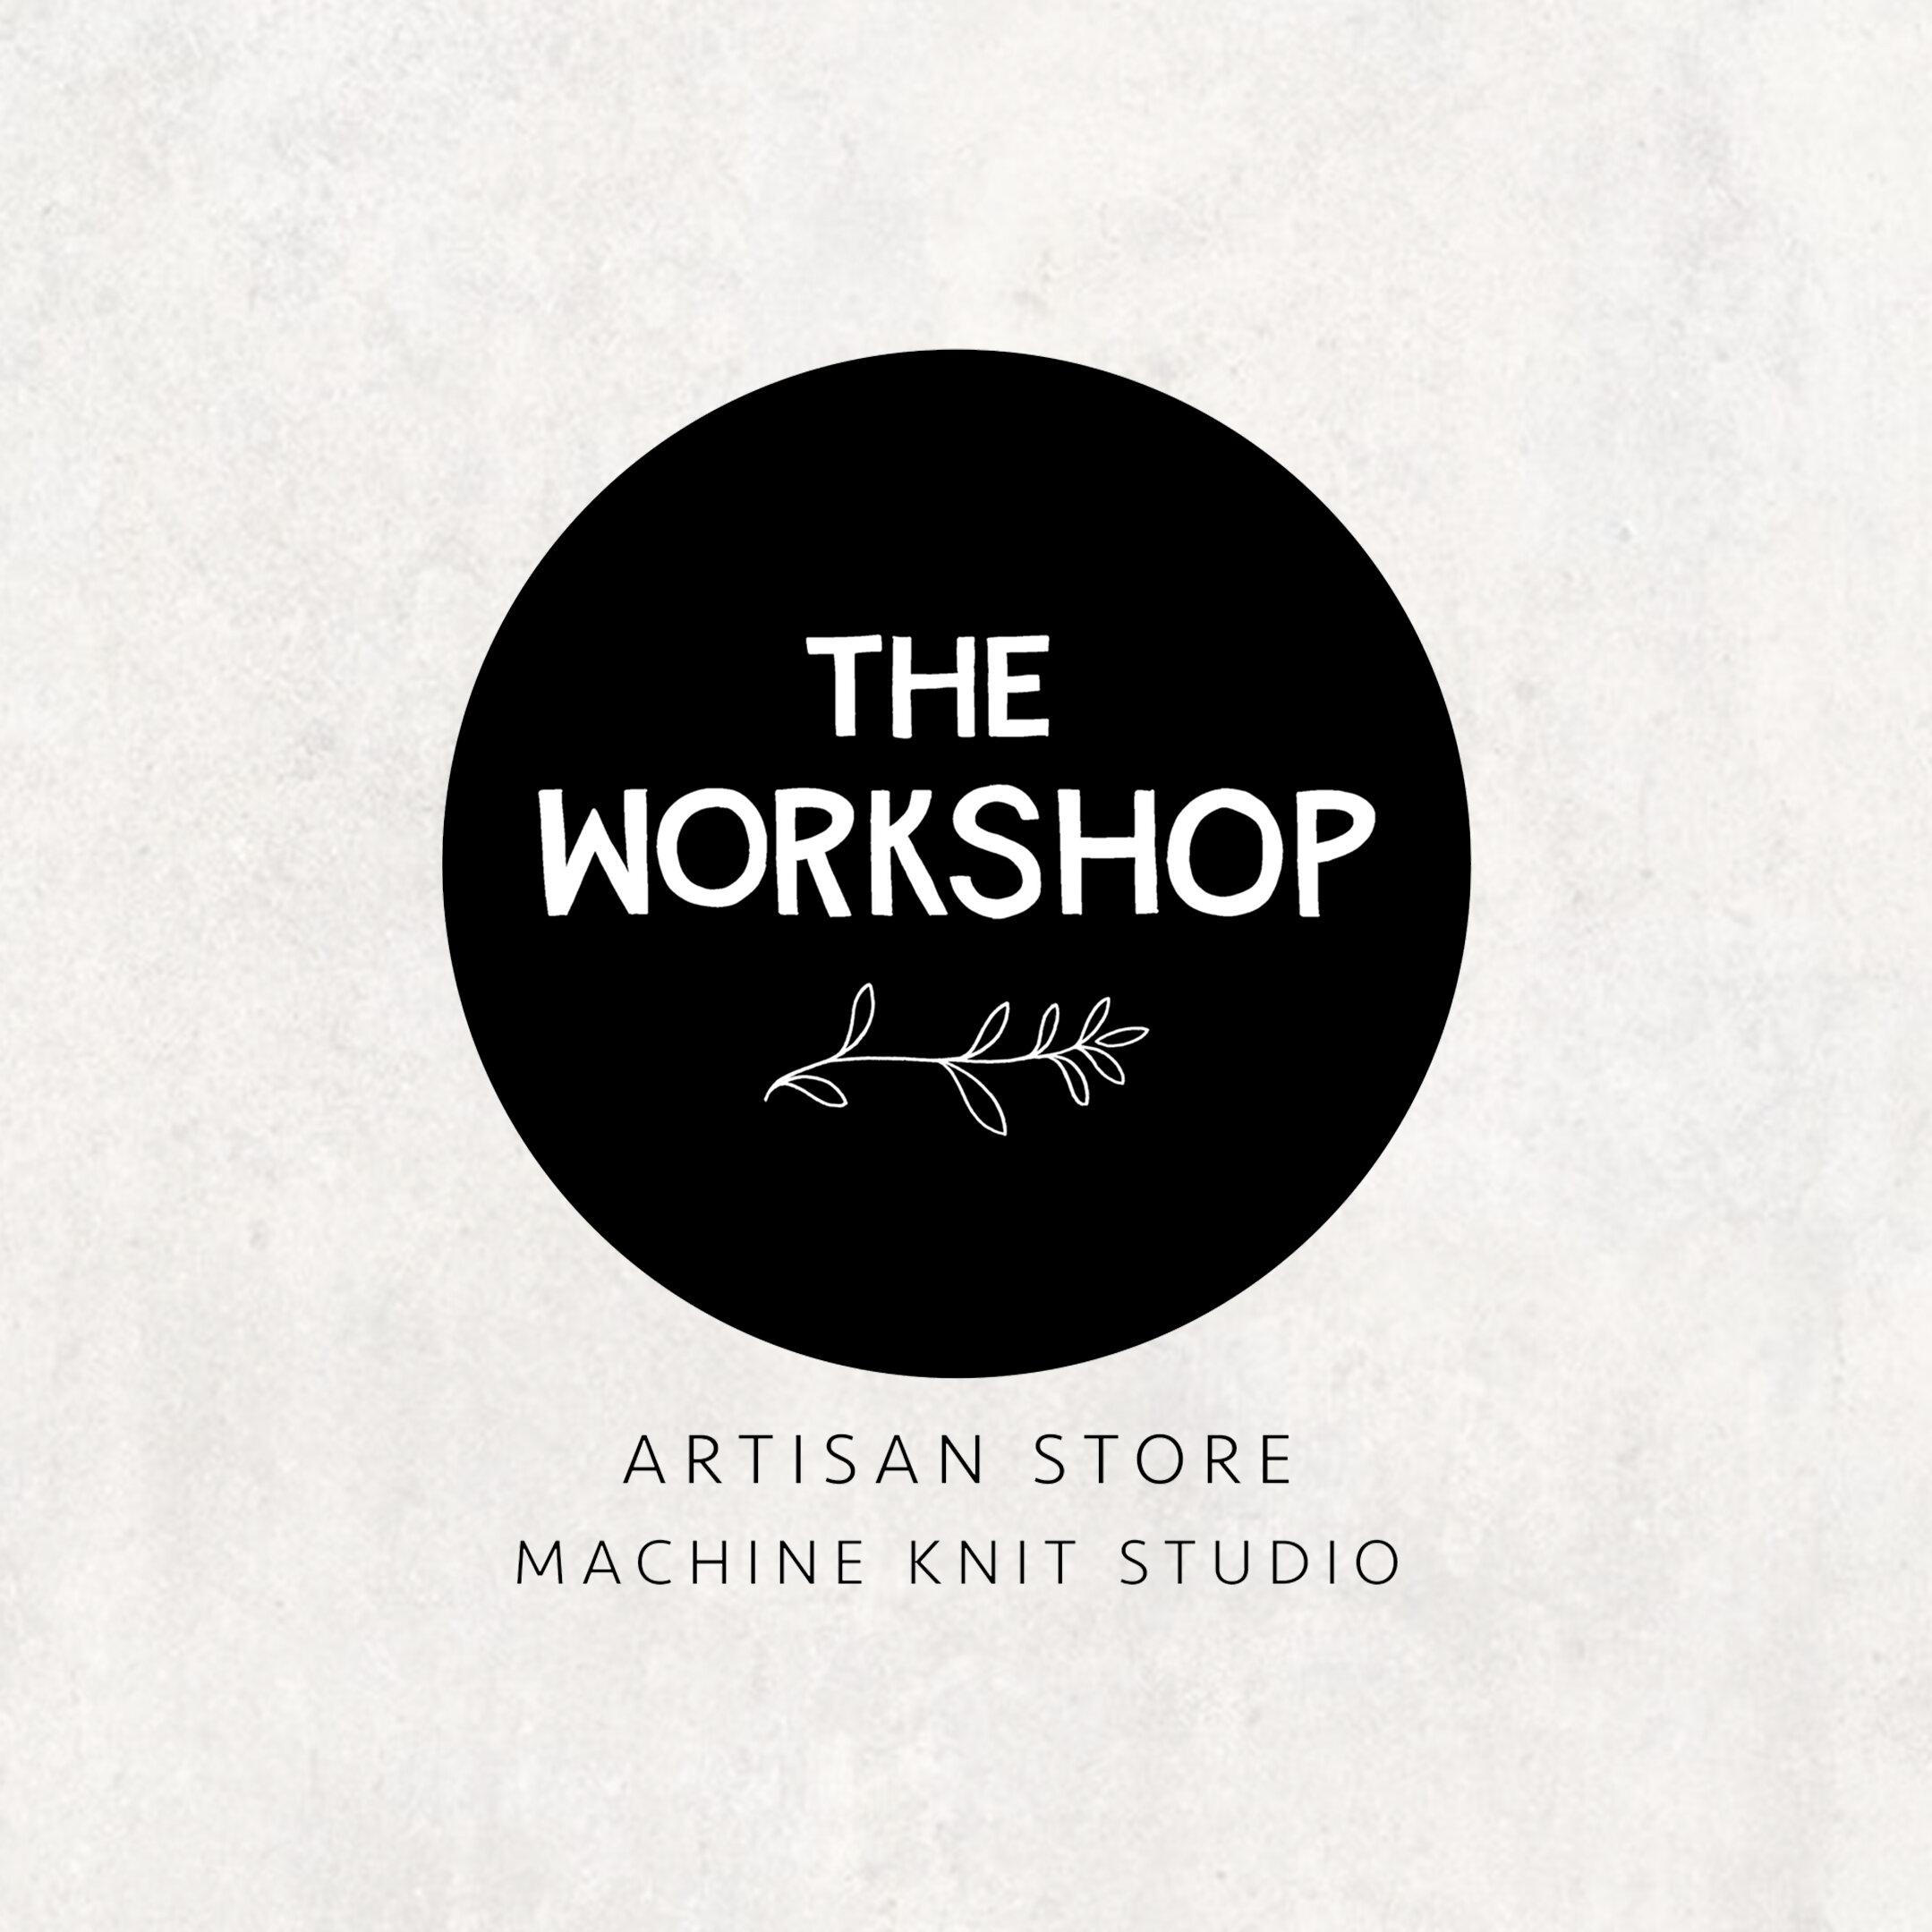 Logo design for The Workshop